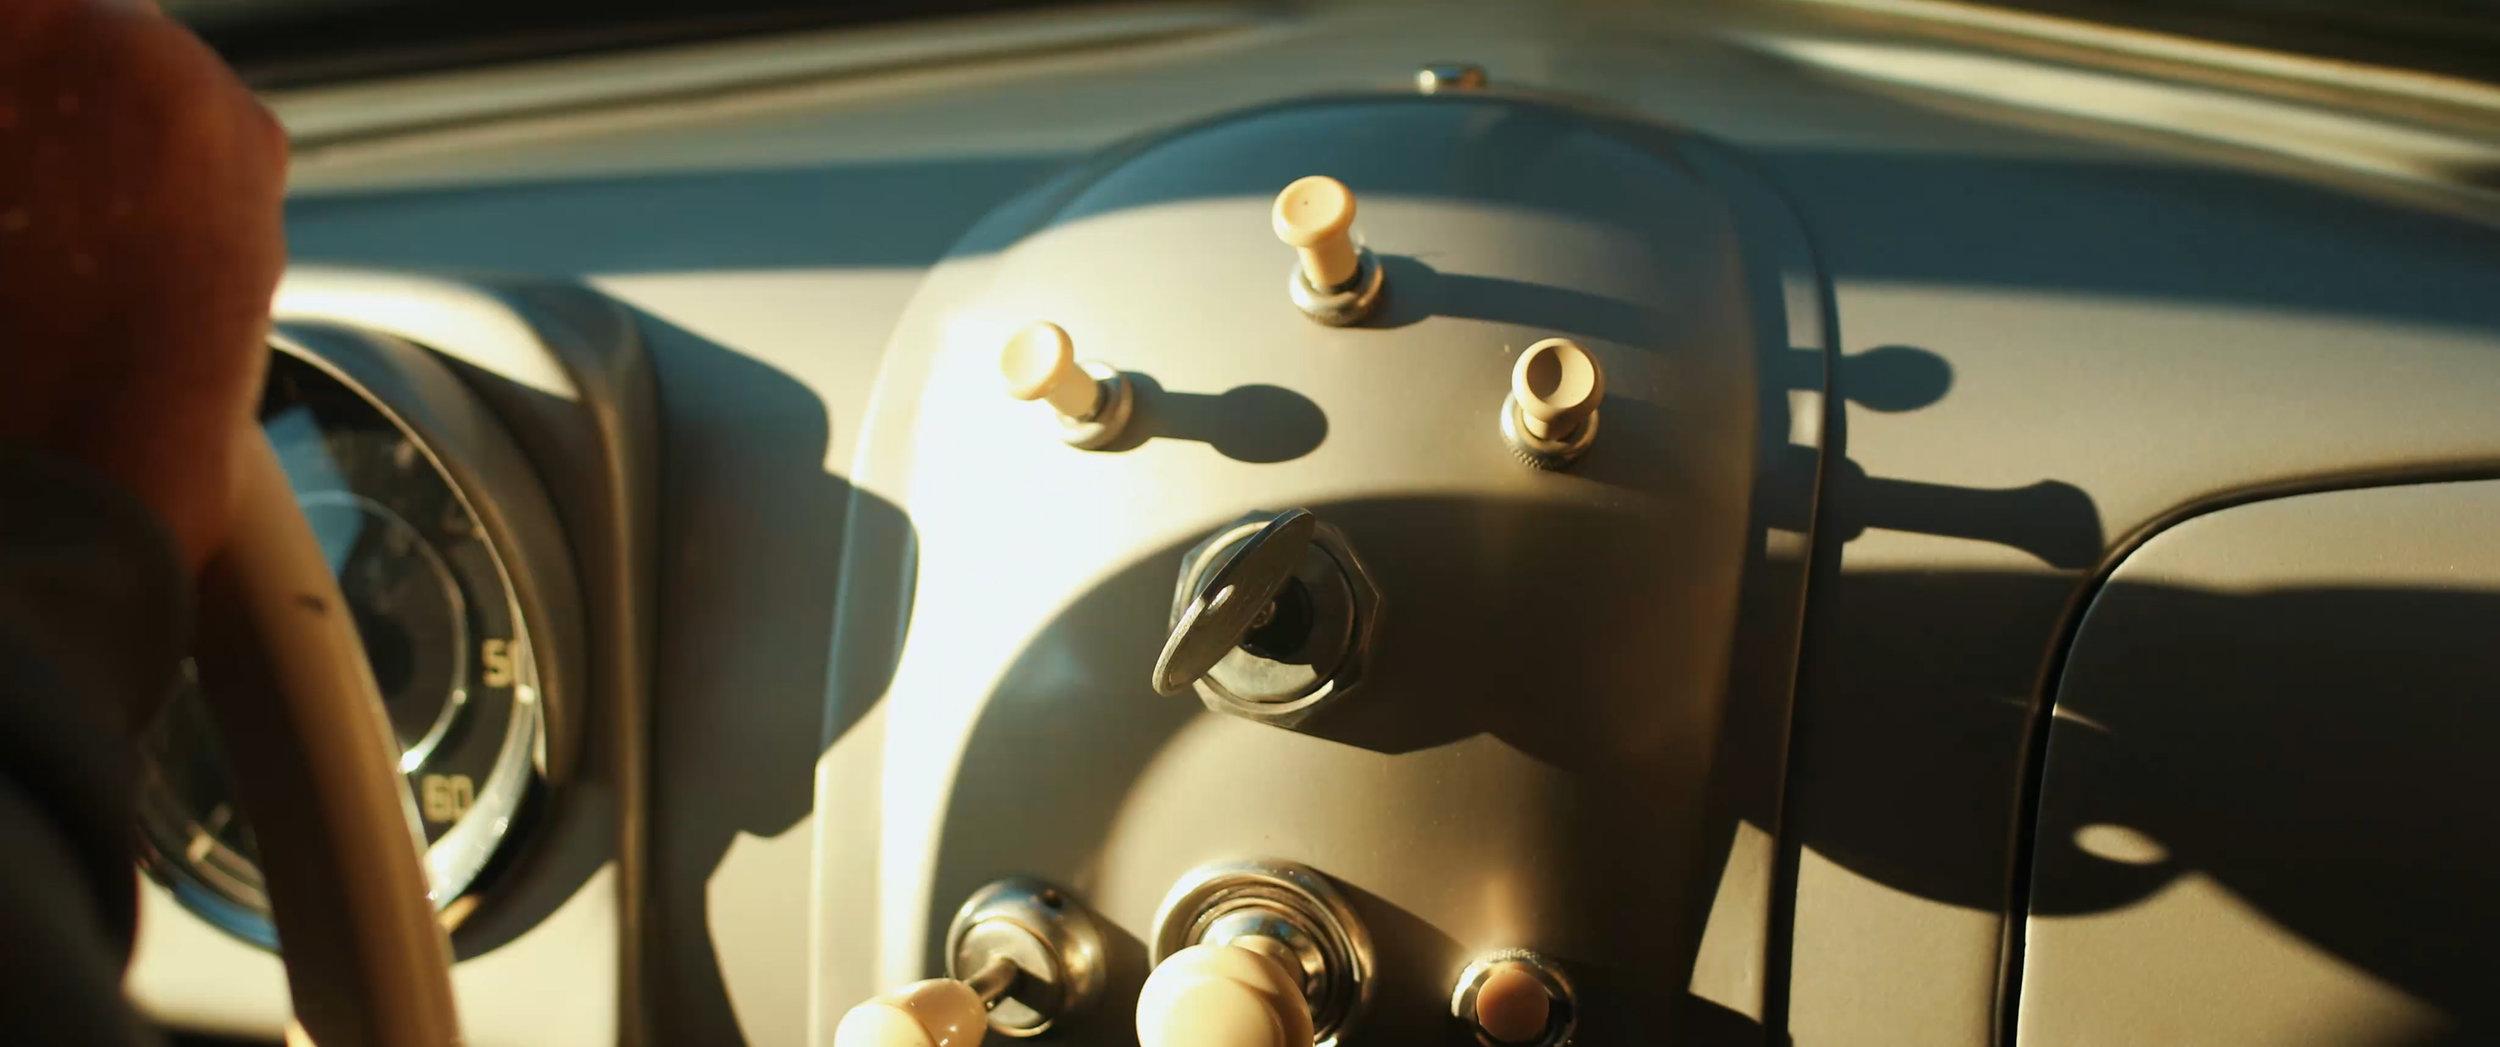 Christophorus Le Mans_v2 4K(cinemascope).mp4.00_05_20_10.Still029.jpg